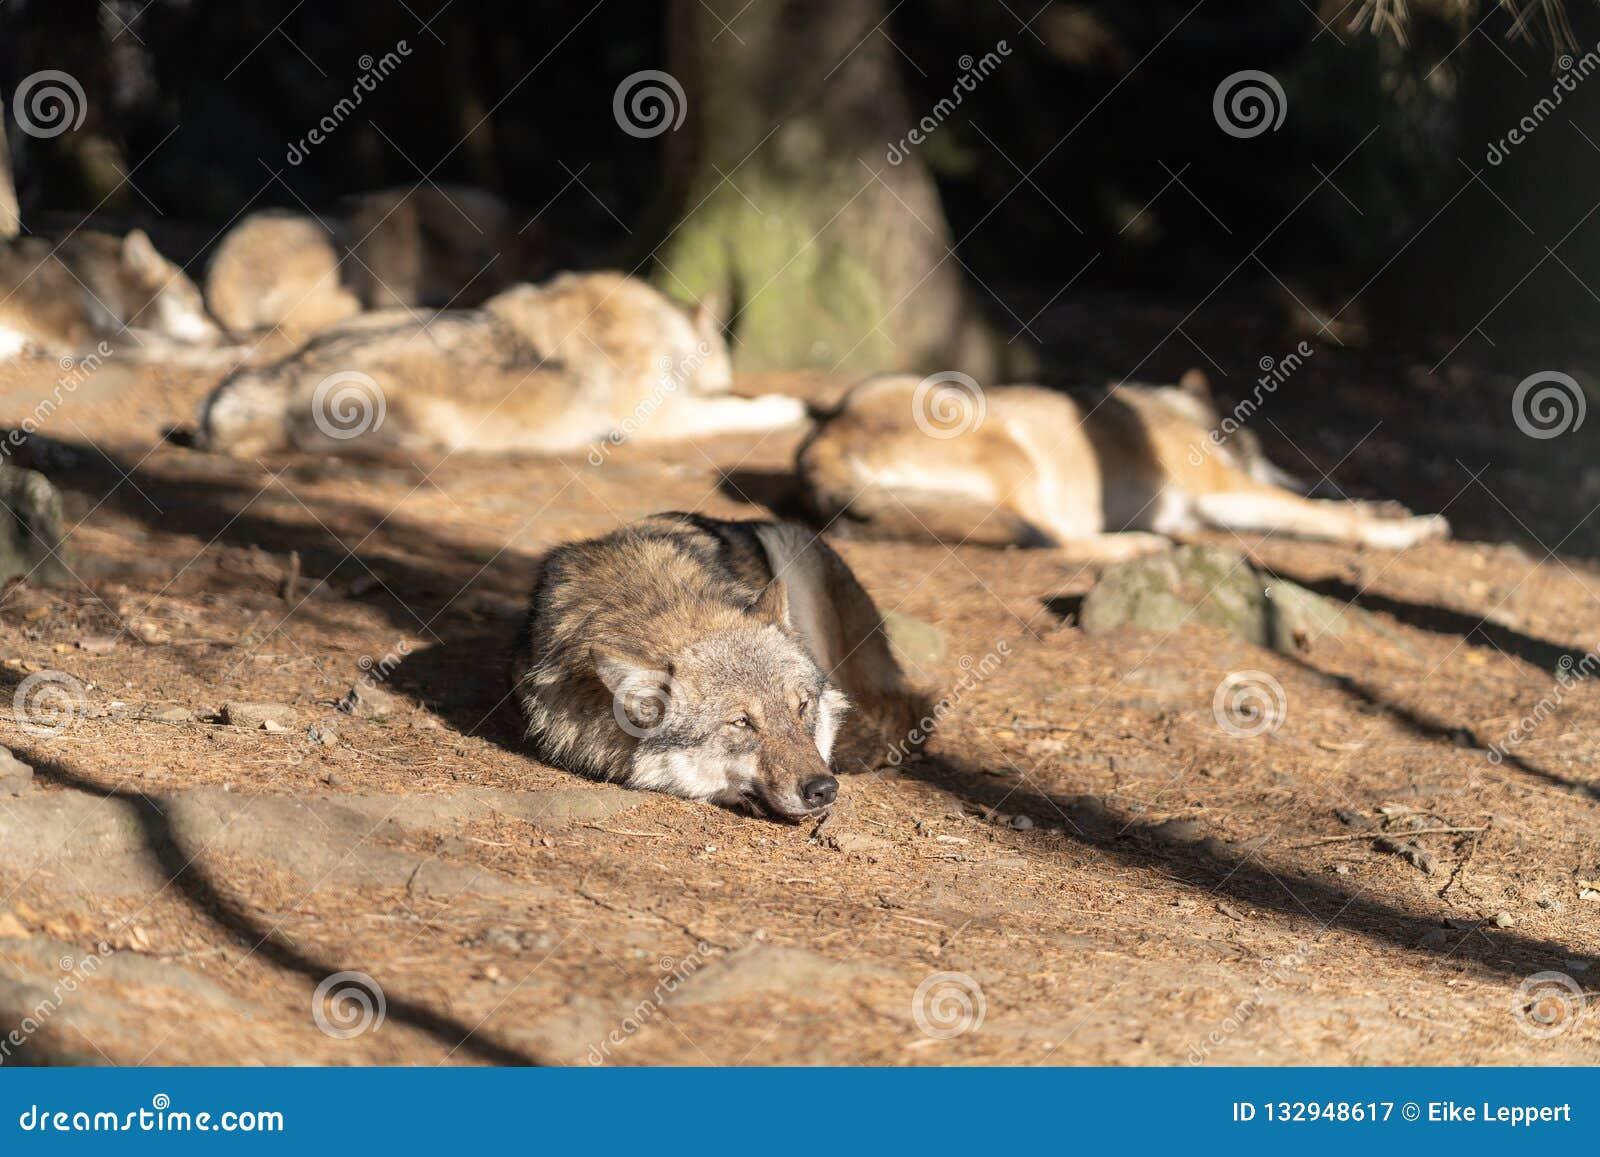 Un Paquete De Lobos Salvajes Está Durmiendo En El Sol Un Lobo En El